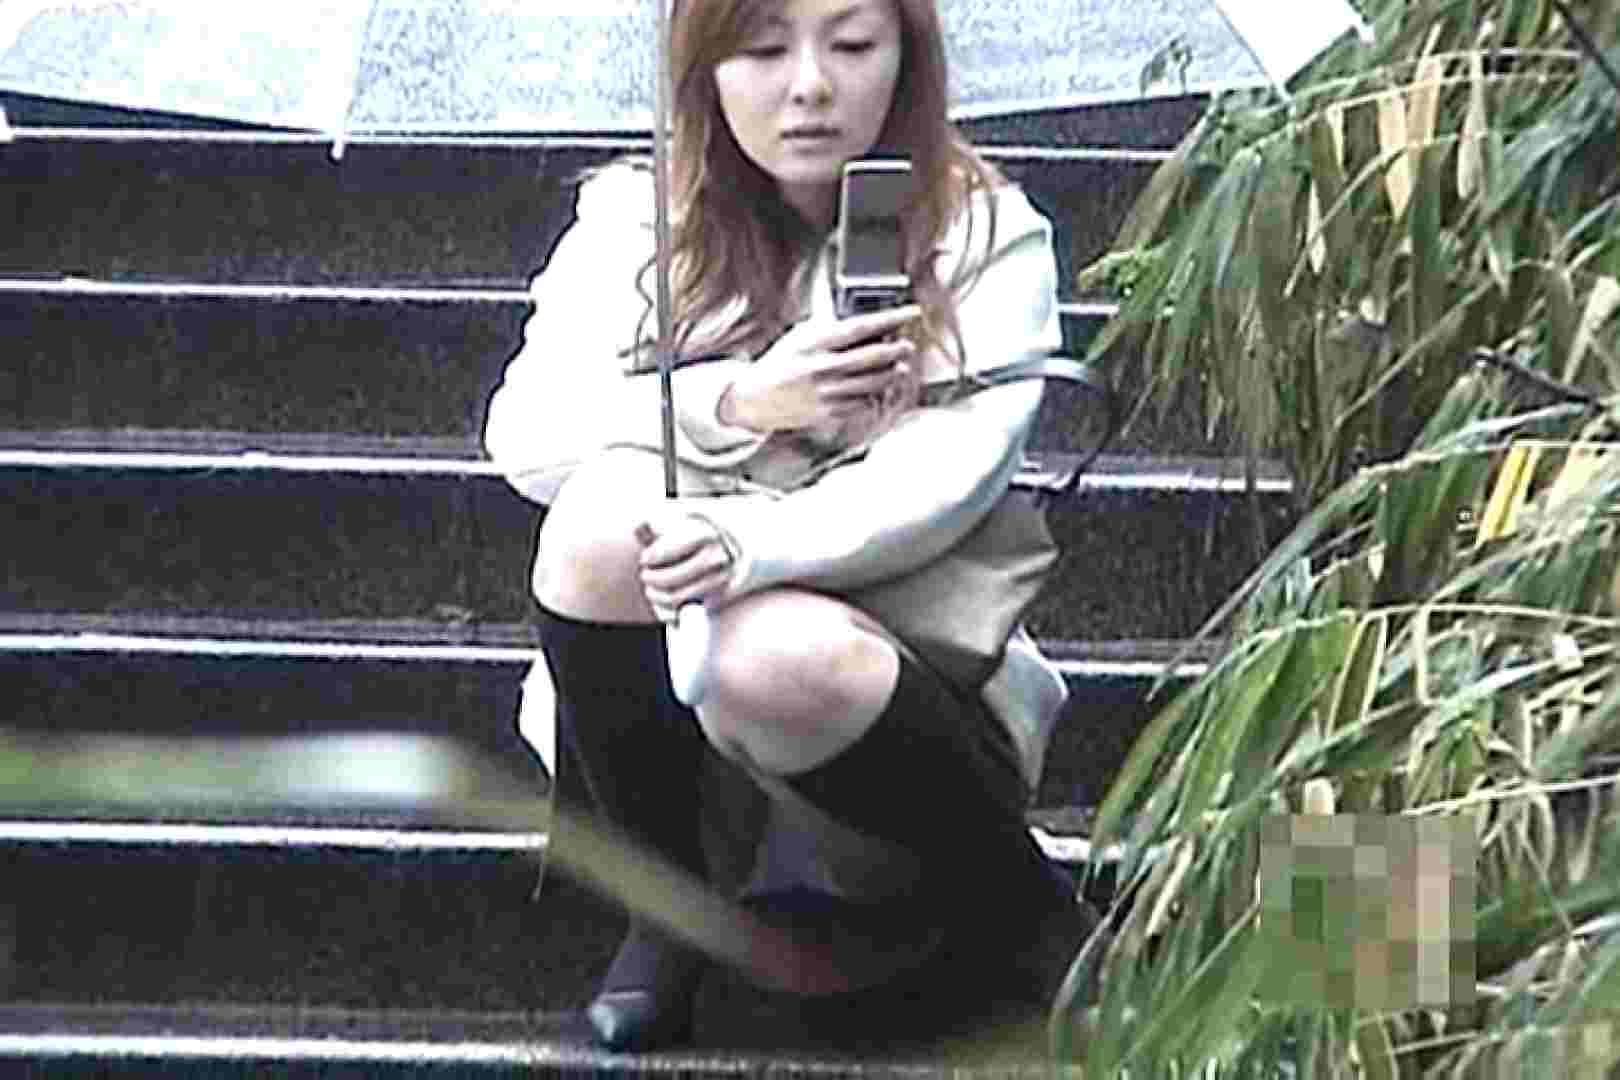 マンチラインパクトVol.2 S級美女ギャル  80画像 76